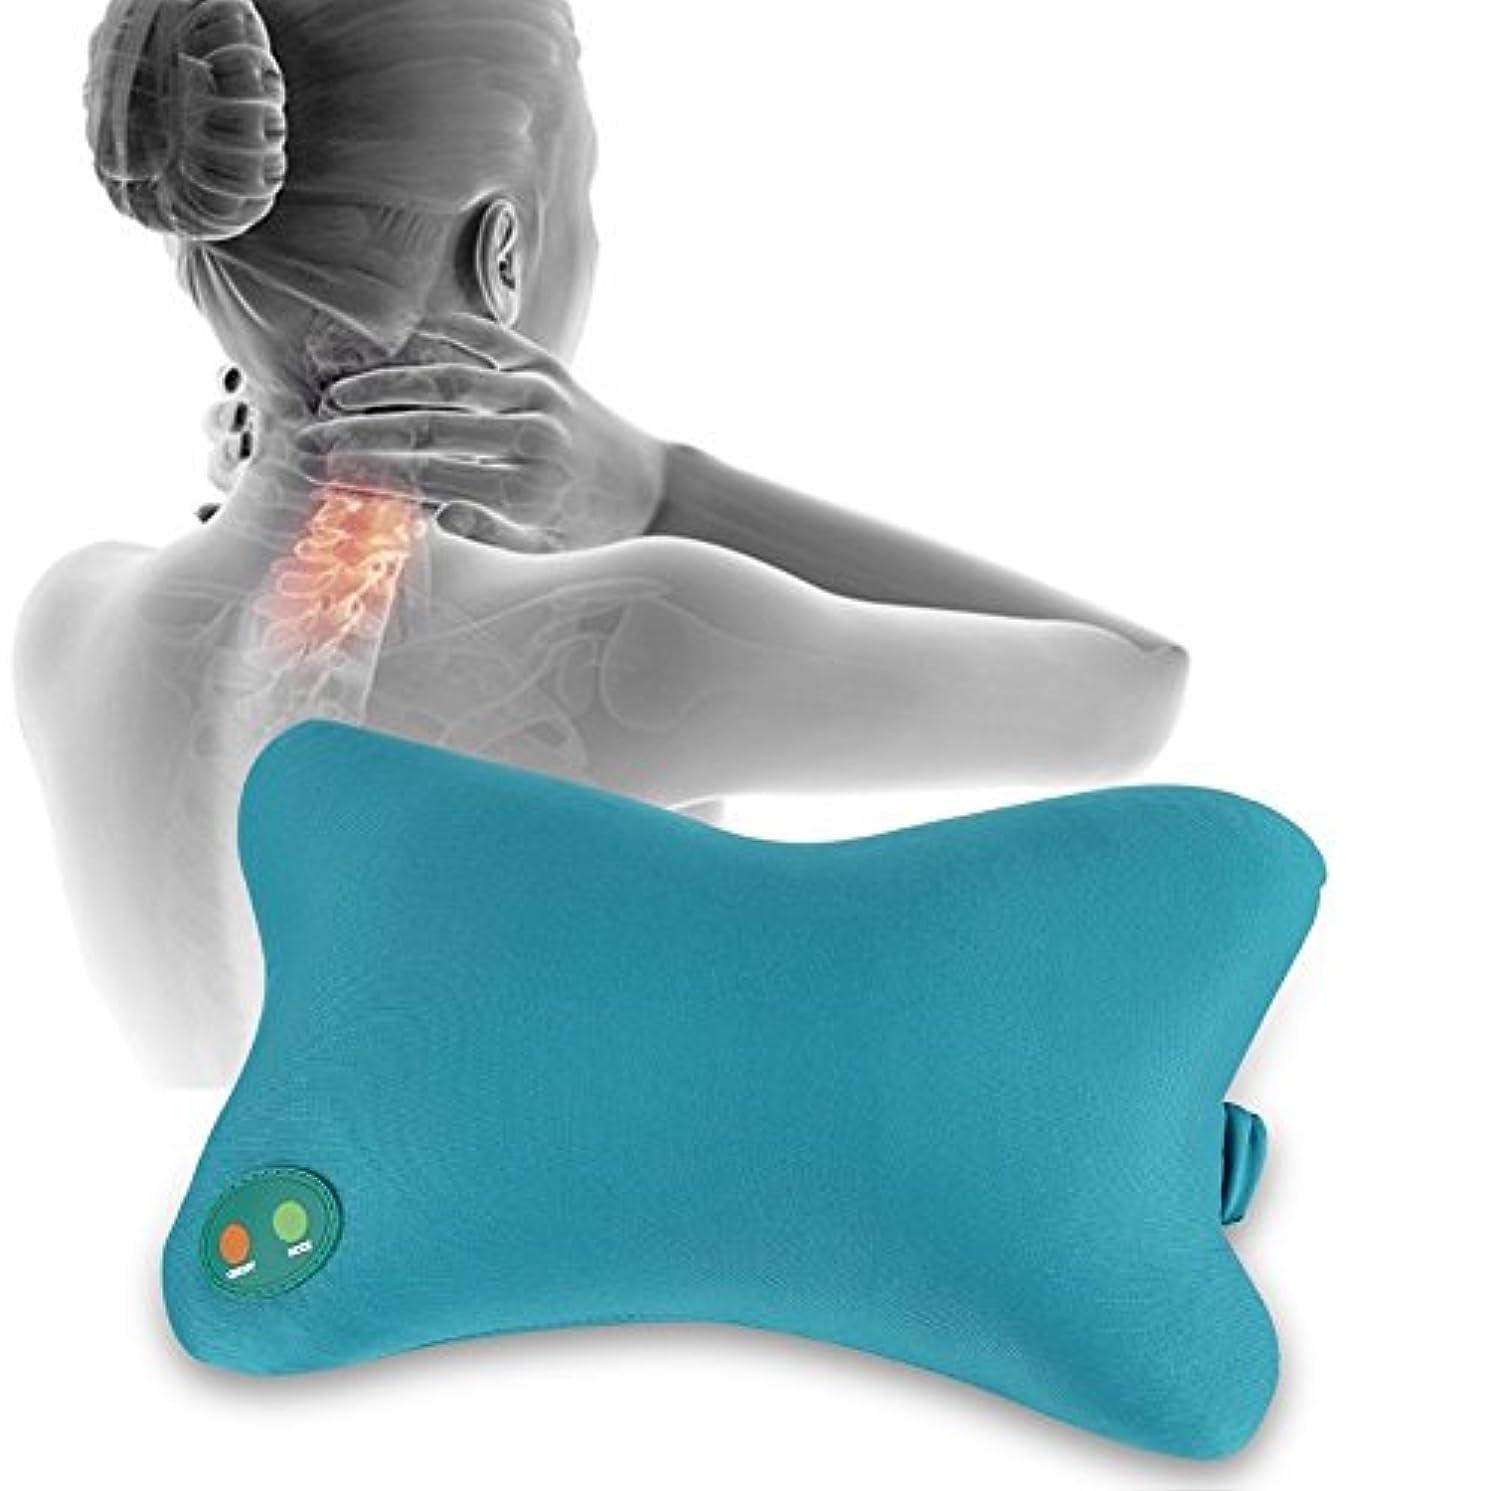 ビーチスイッチ間欠マッサージピロー、背中の痛みを軽減するための柔らかい電気ネックマッサージの刺激のクッション車のオフィスホームナップの使用、CEの承認